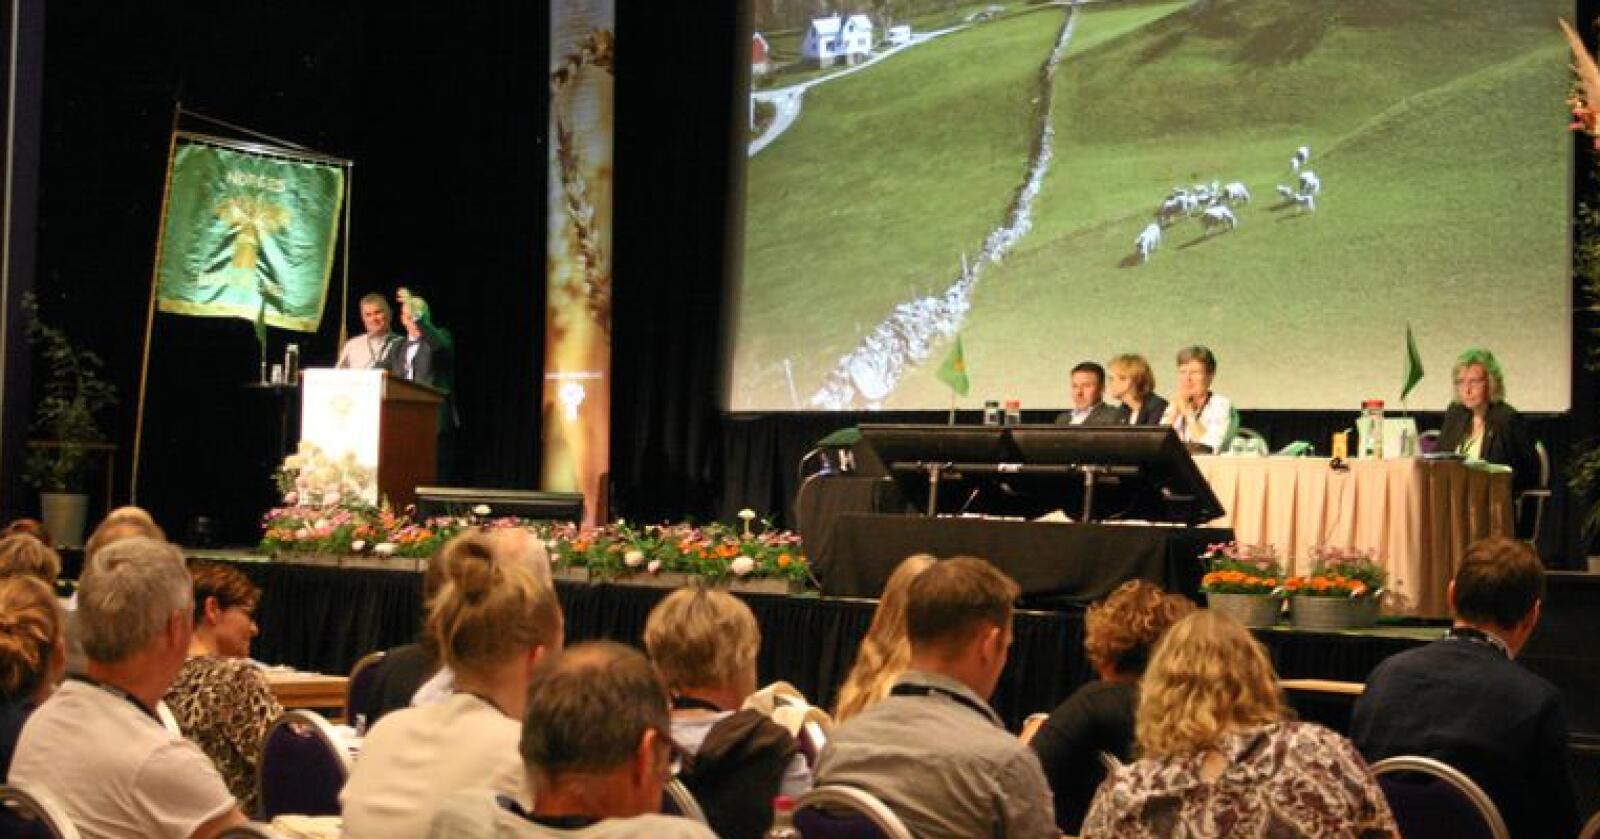 Kvotetiltak: Innstrammingar på mjølkekvotar skapte debatt på Bondetinget. Styret fekk med seg ei rekke nye forslag til restriksjonar som skal vurderast. Foto: Bjarne Bekkeheien Aase